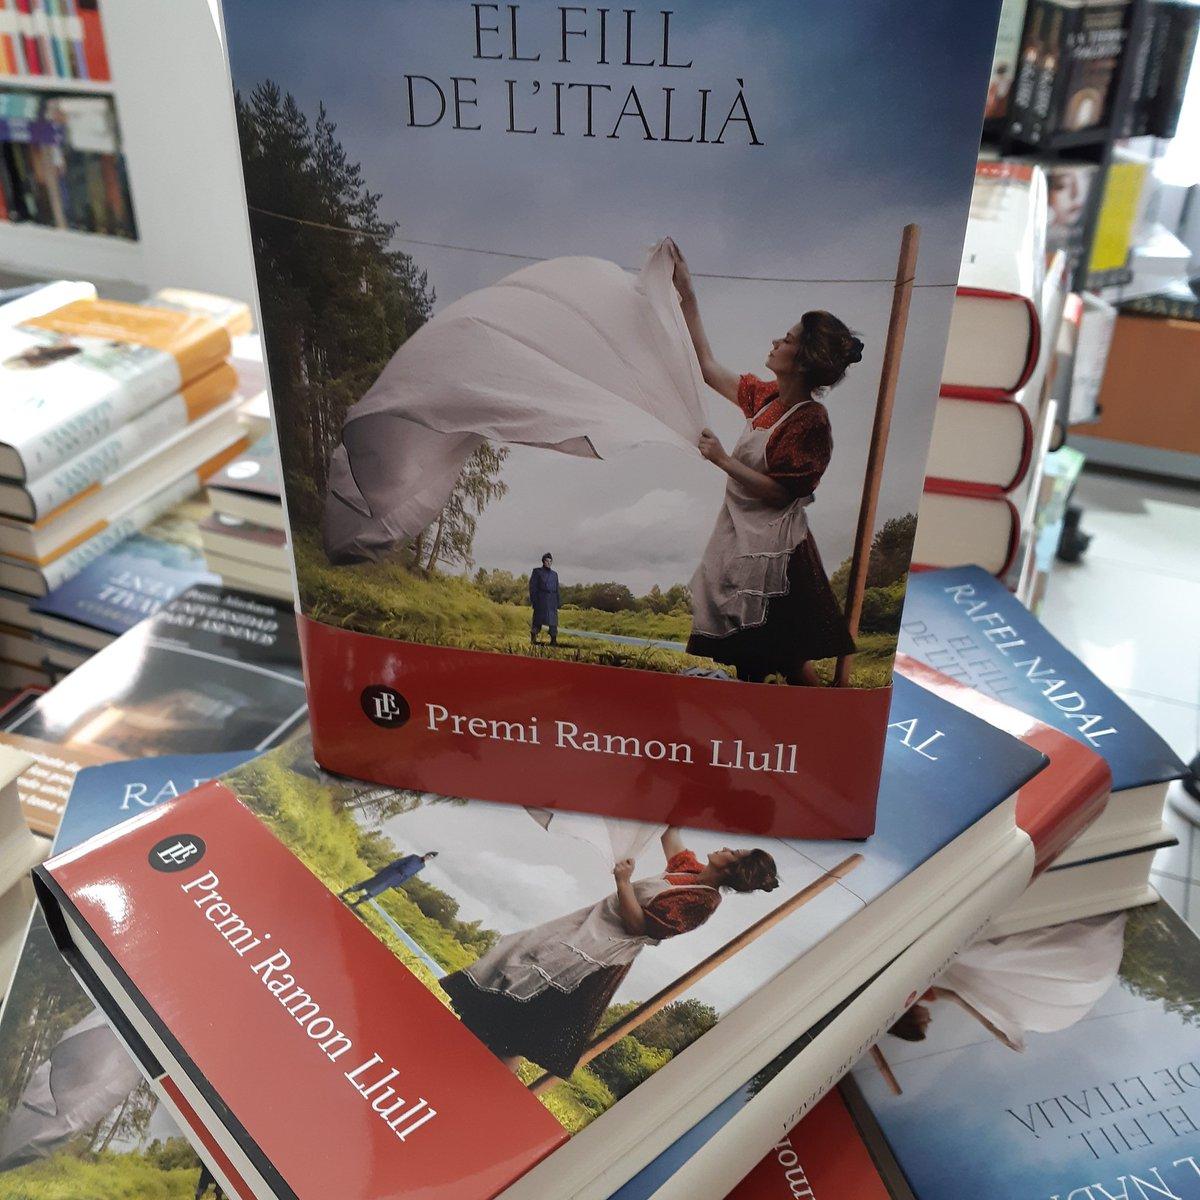 Avui de 7 a 8 vendrà a signar en @nadalrafel @columnaedicions #llibres #Girona  #llibreries https://t.co/TLeFEahLMx